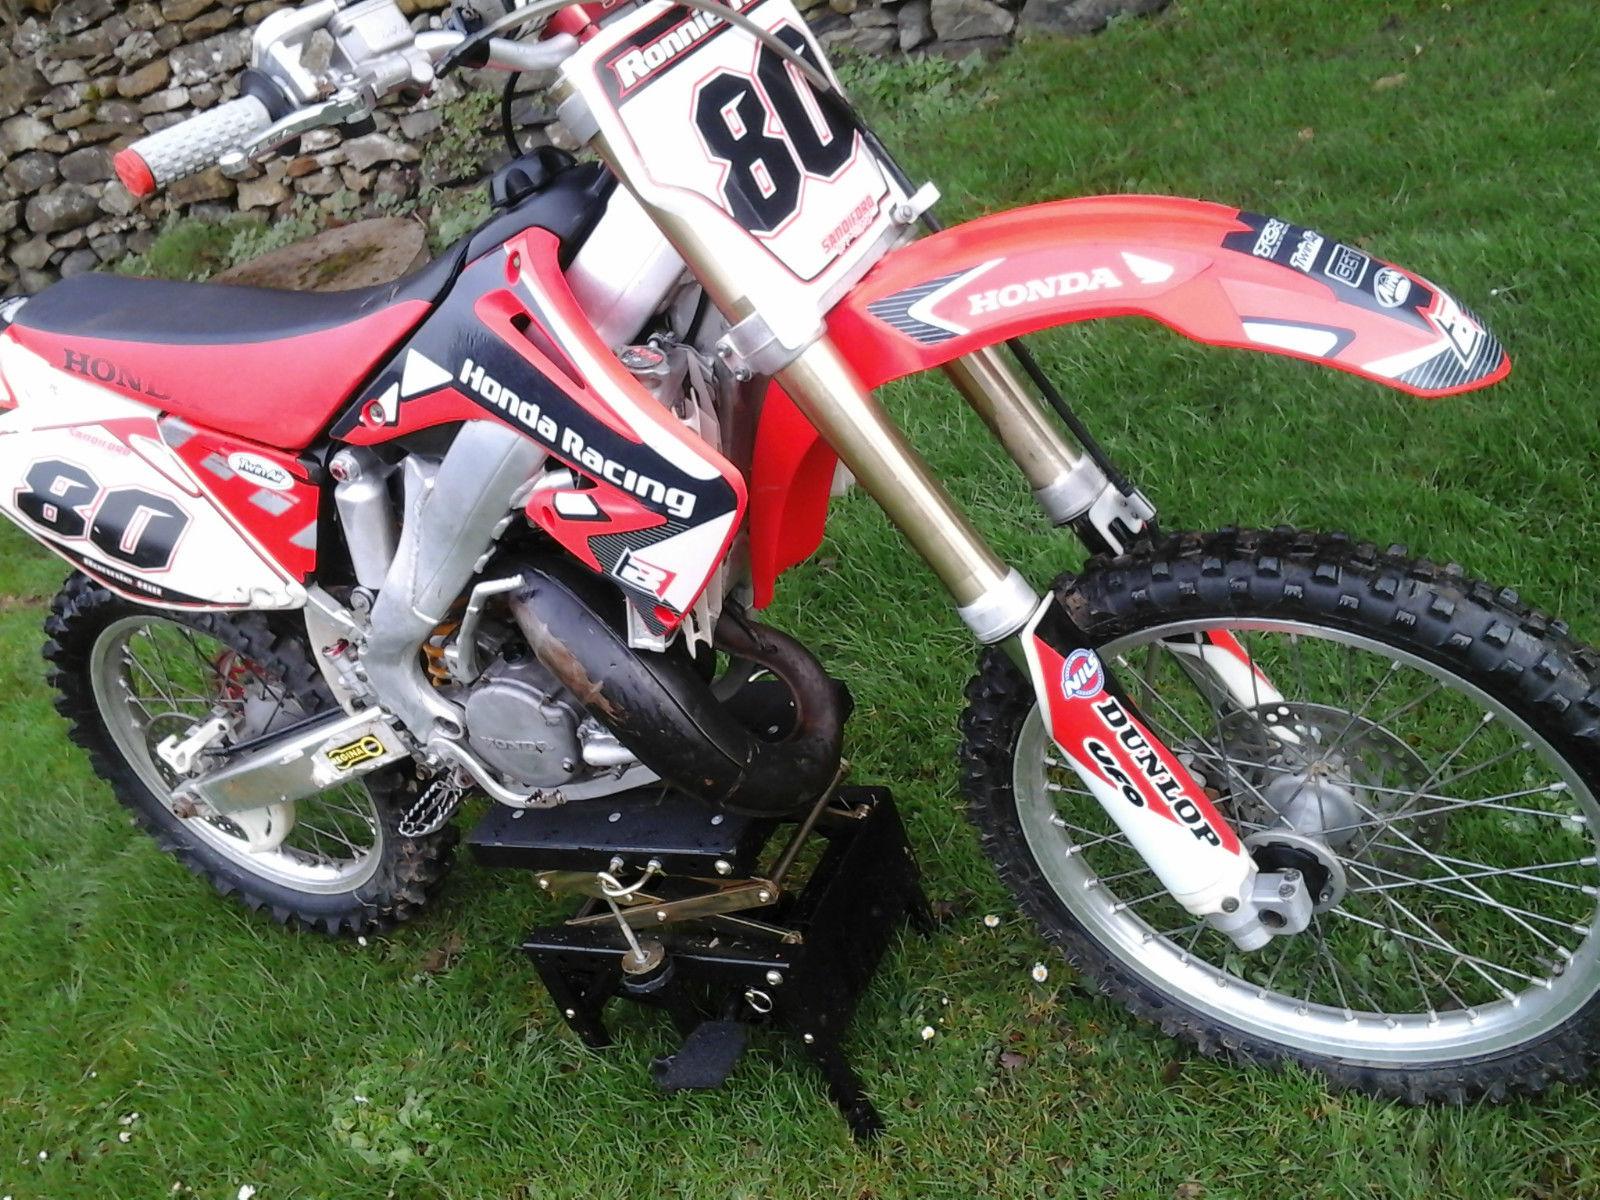 Honda Cr125 2006 Motocross Bike 125cc Dirt